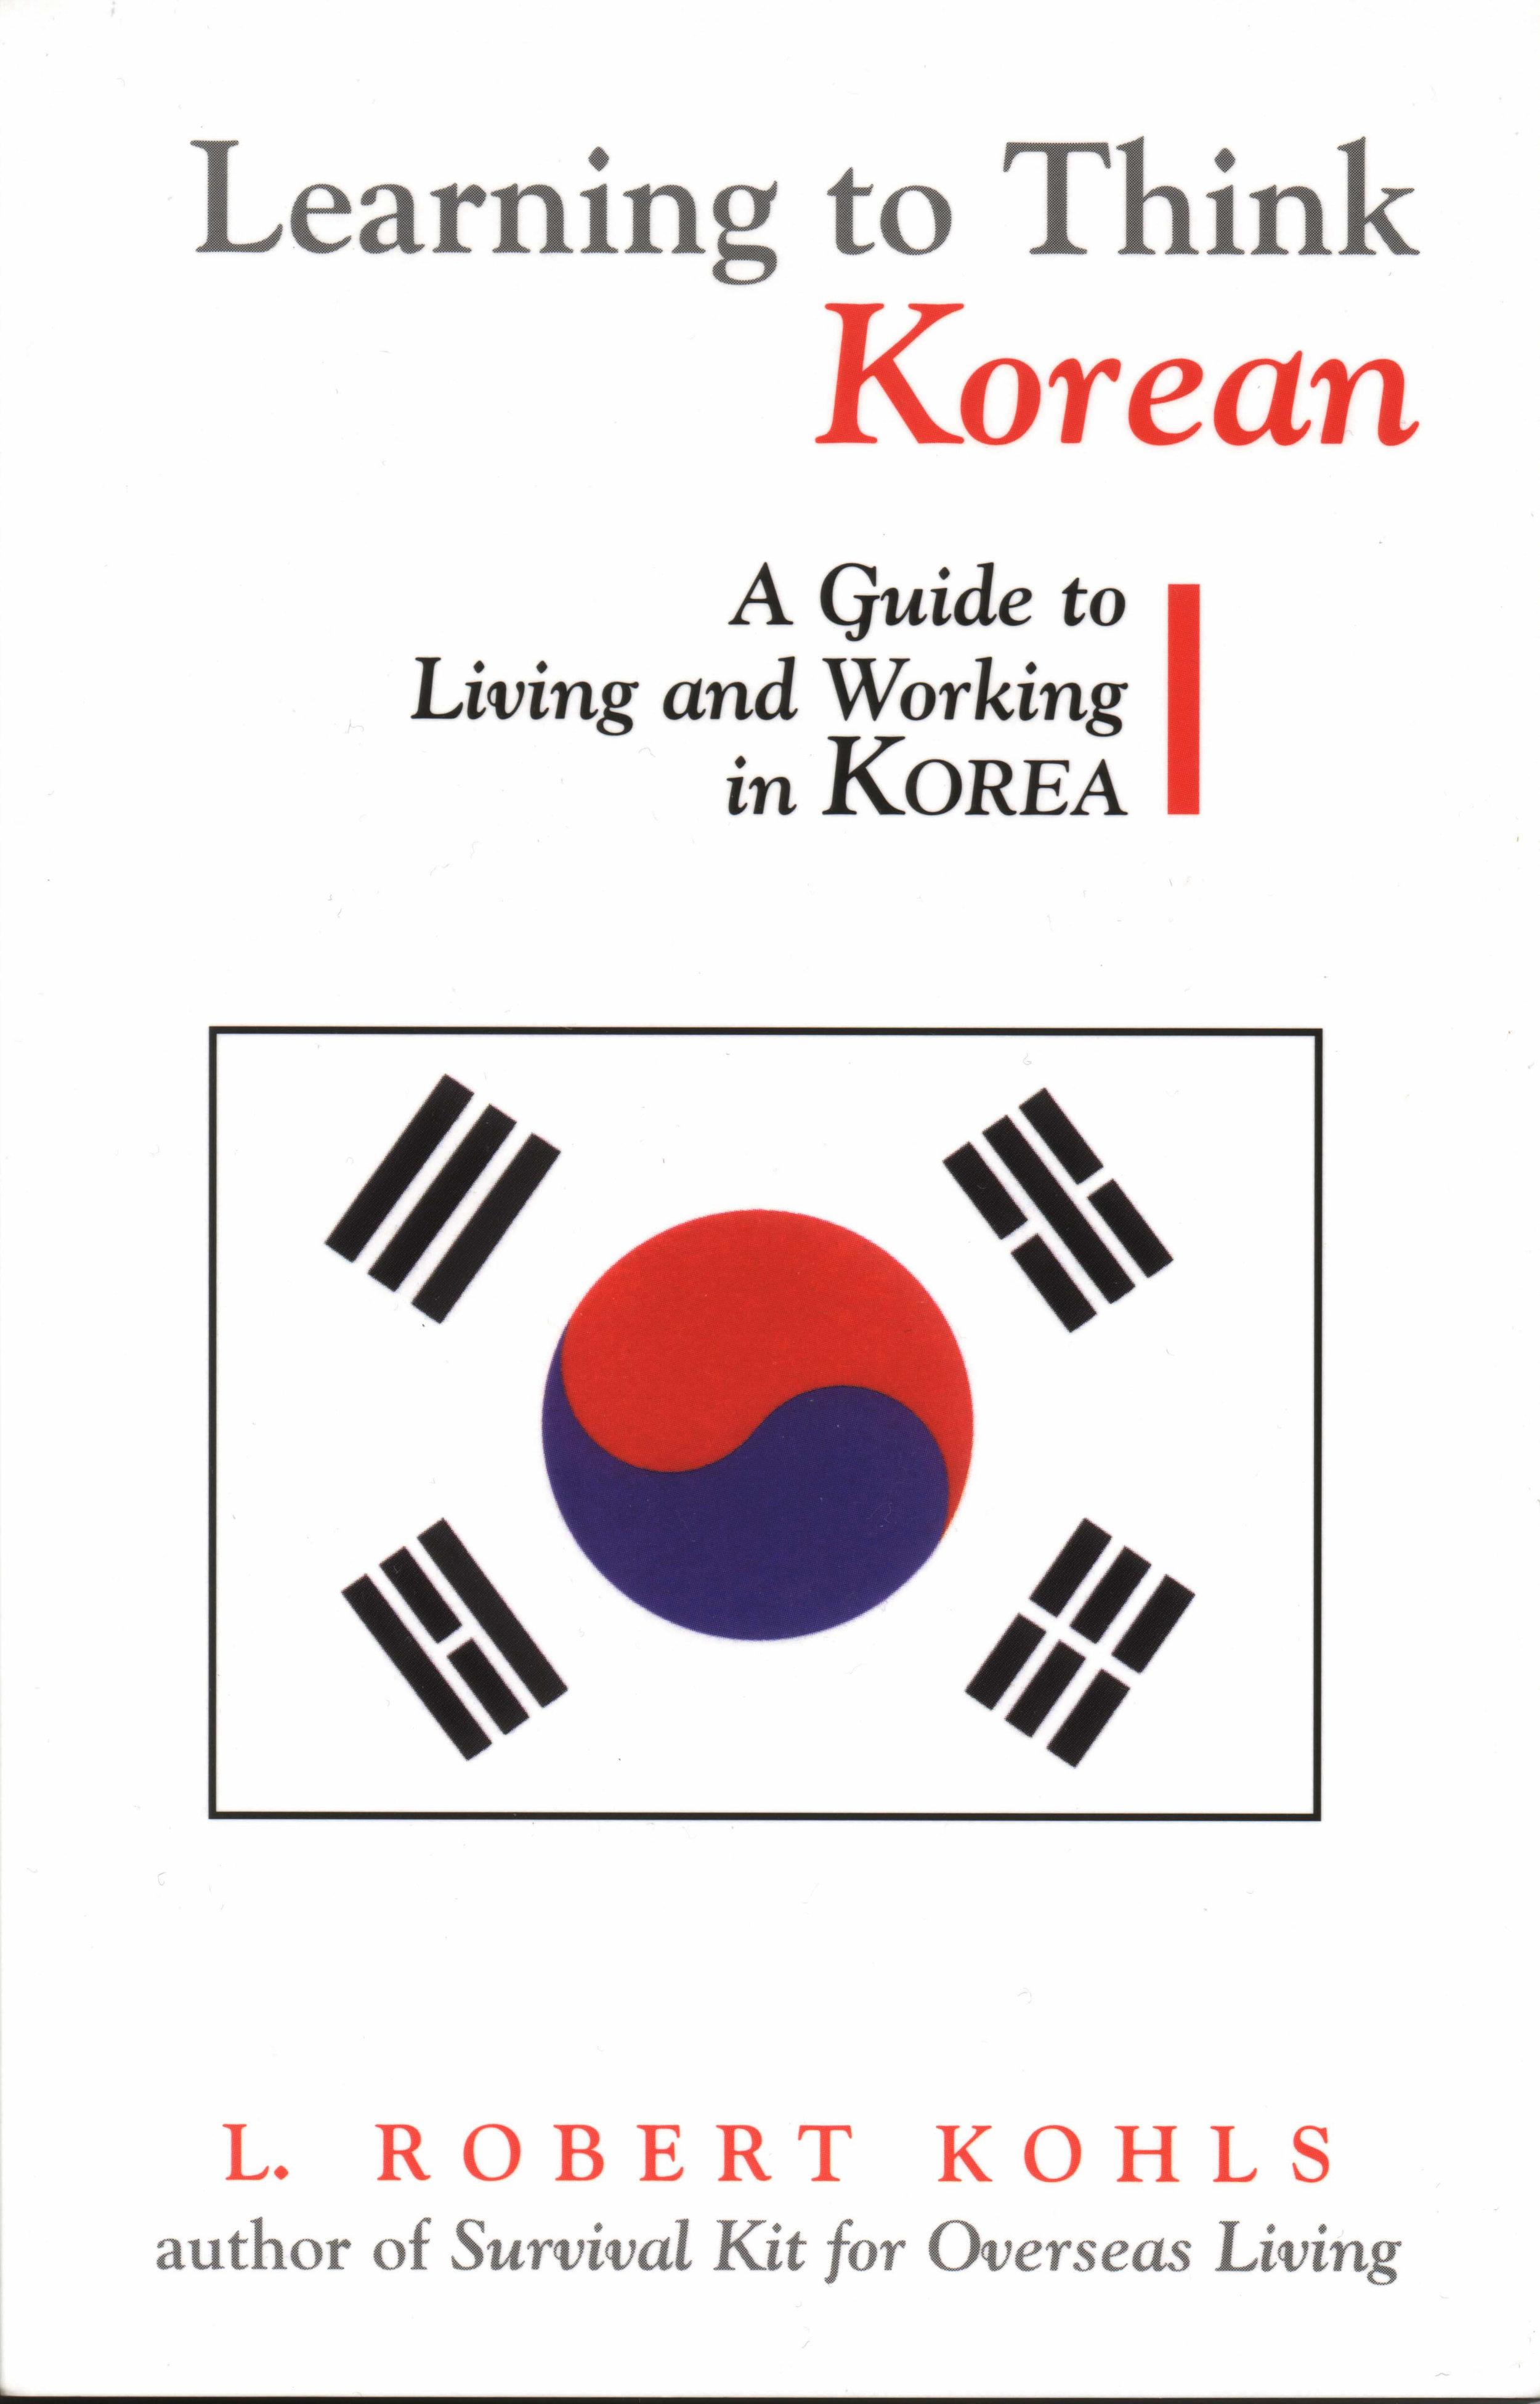 Korea hi-res.jpg